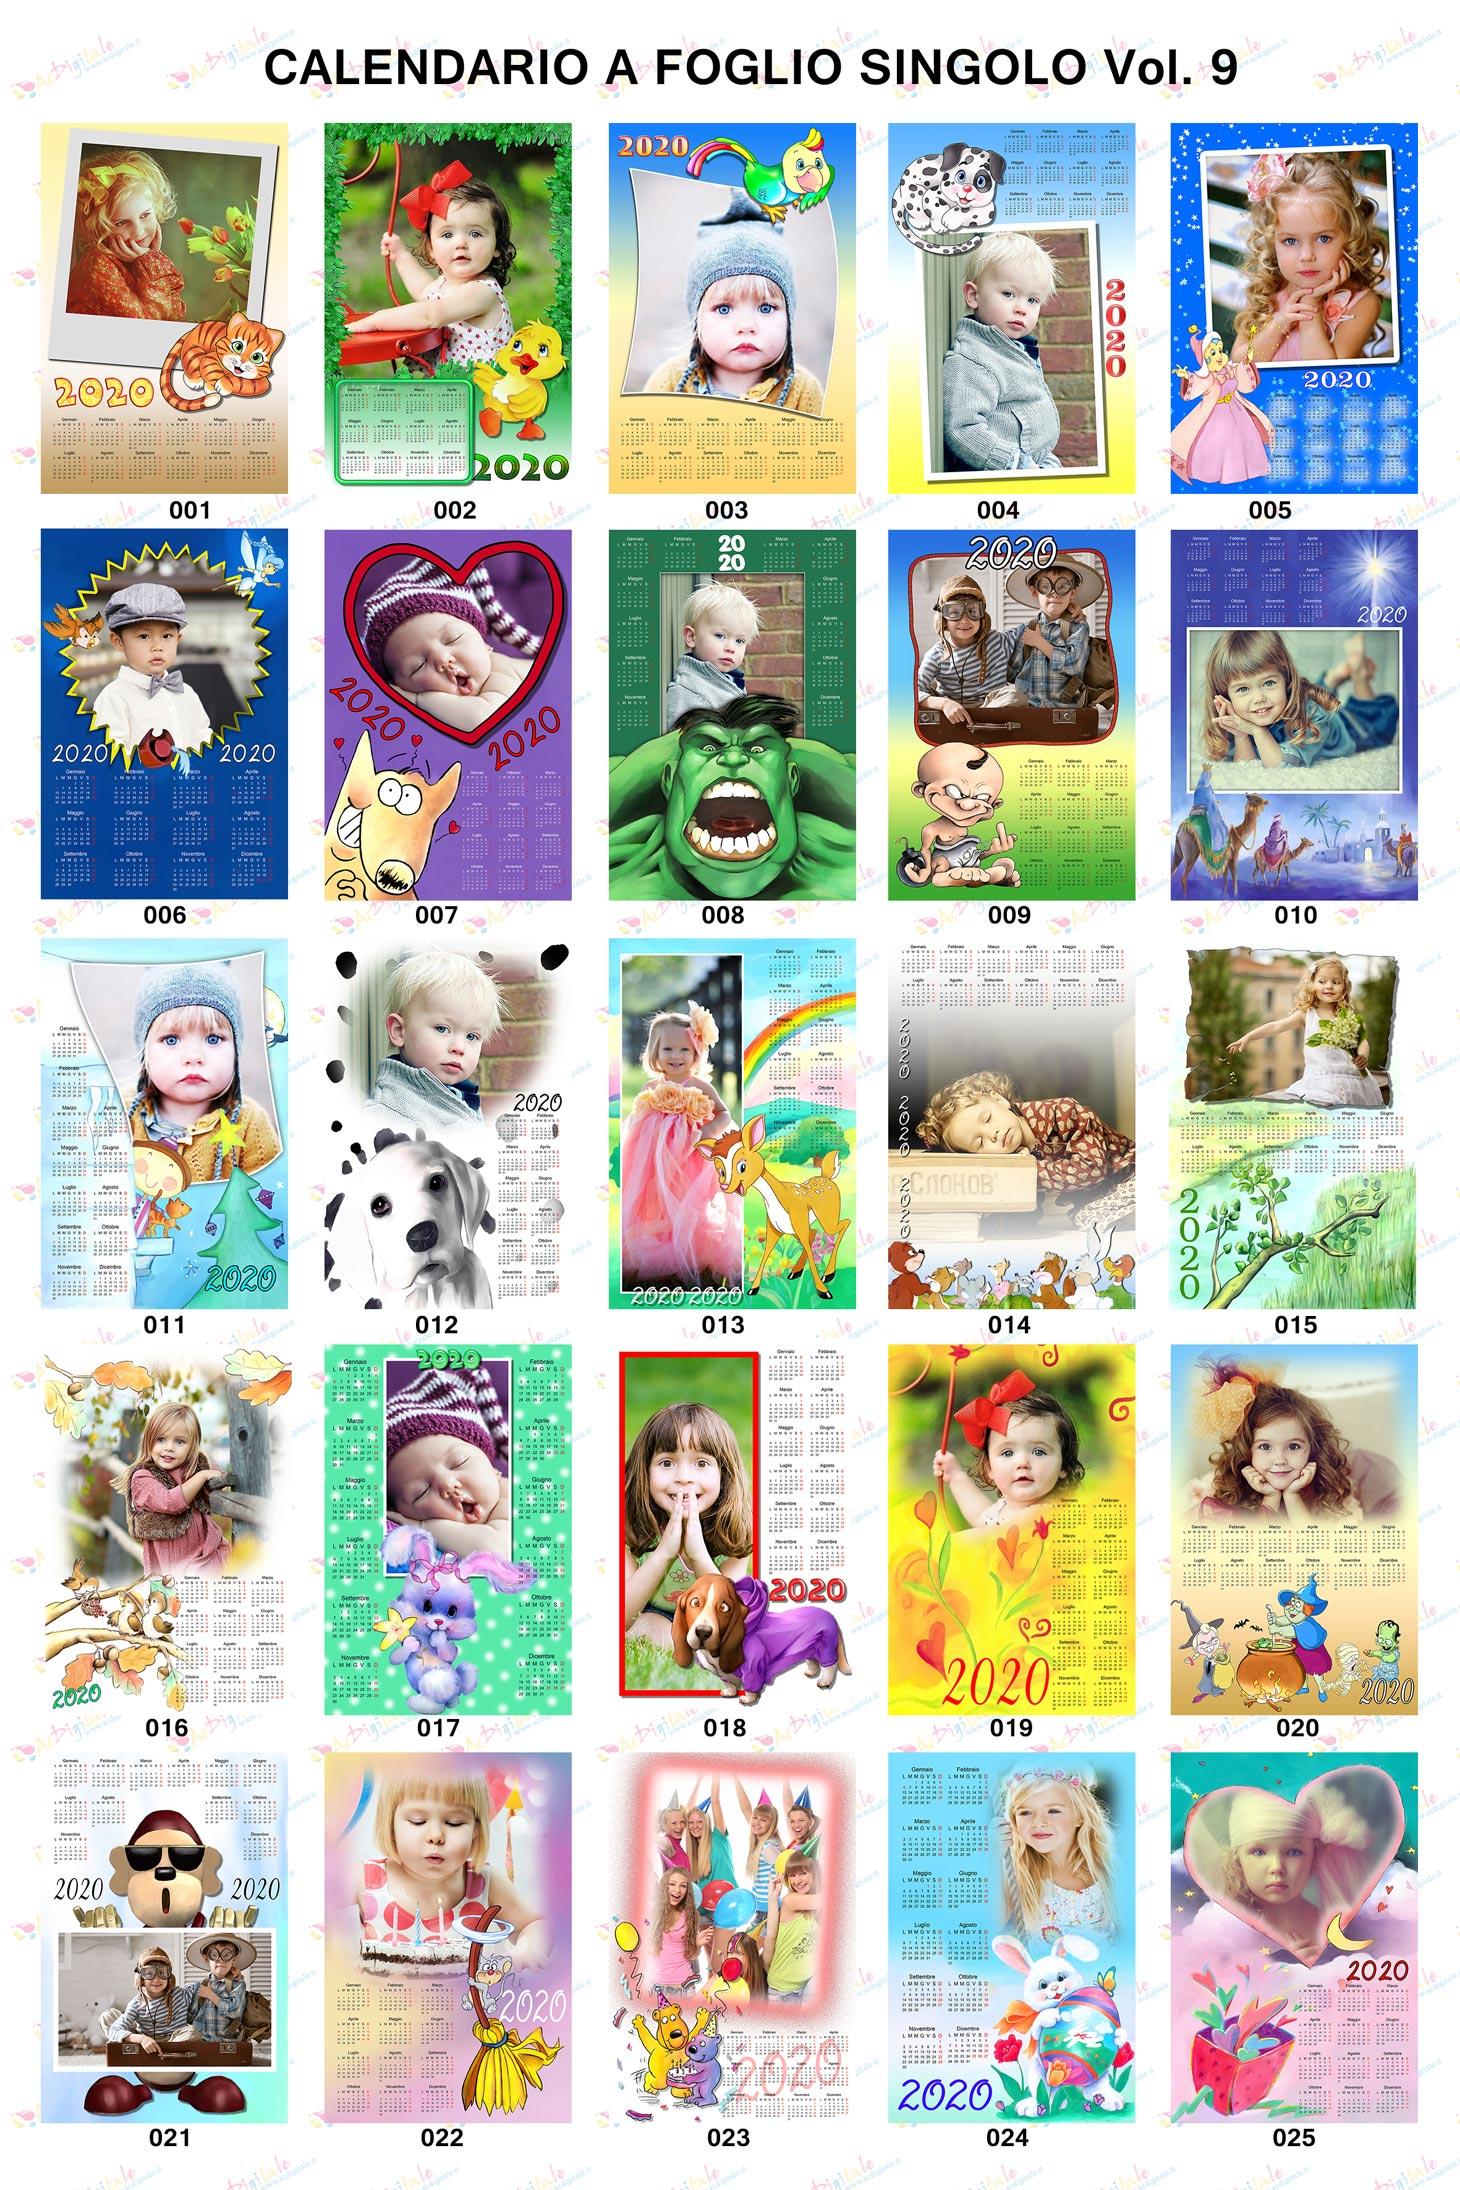 Anteprima calendari personalizzati 2020 Volume 9